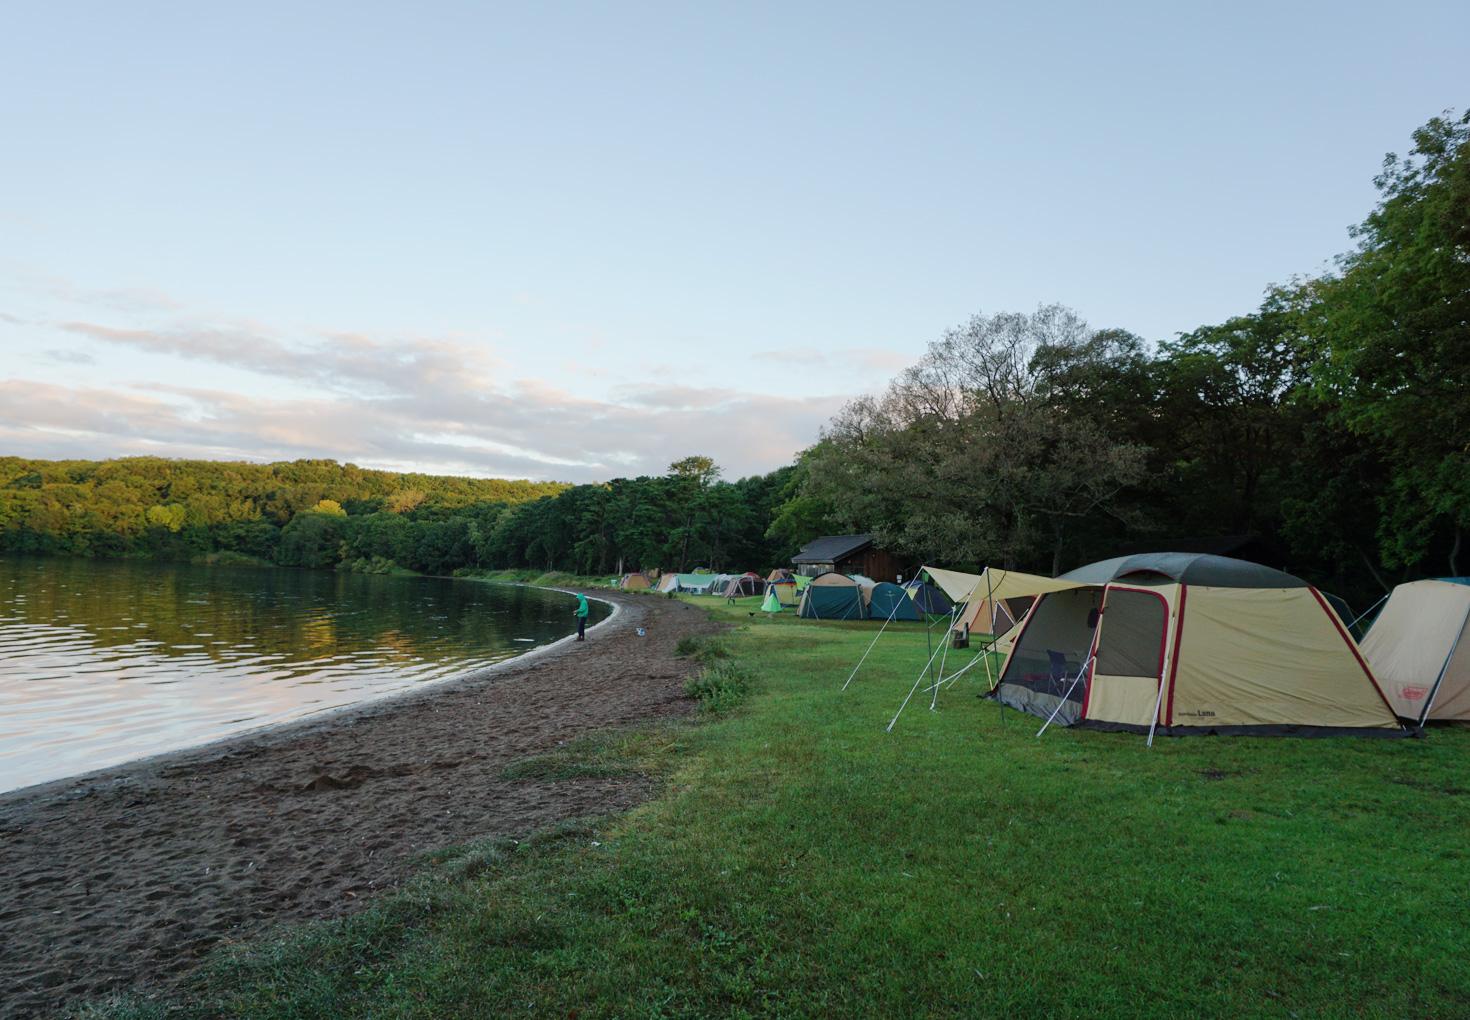 東大沼キャンプ場-湖畔キャンプスペース